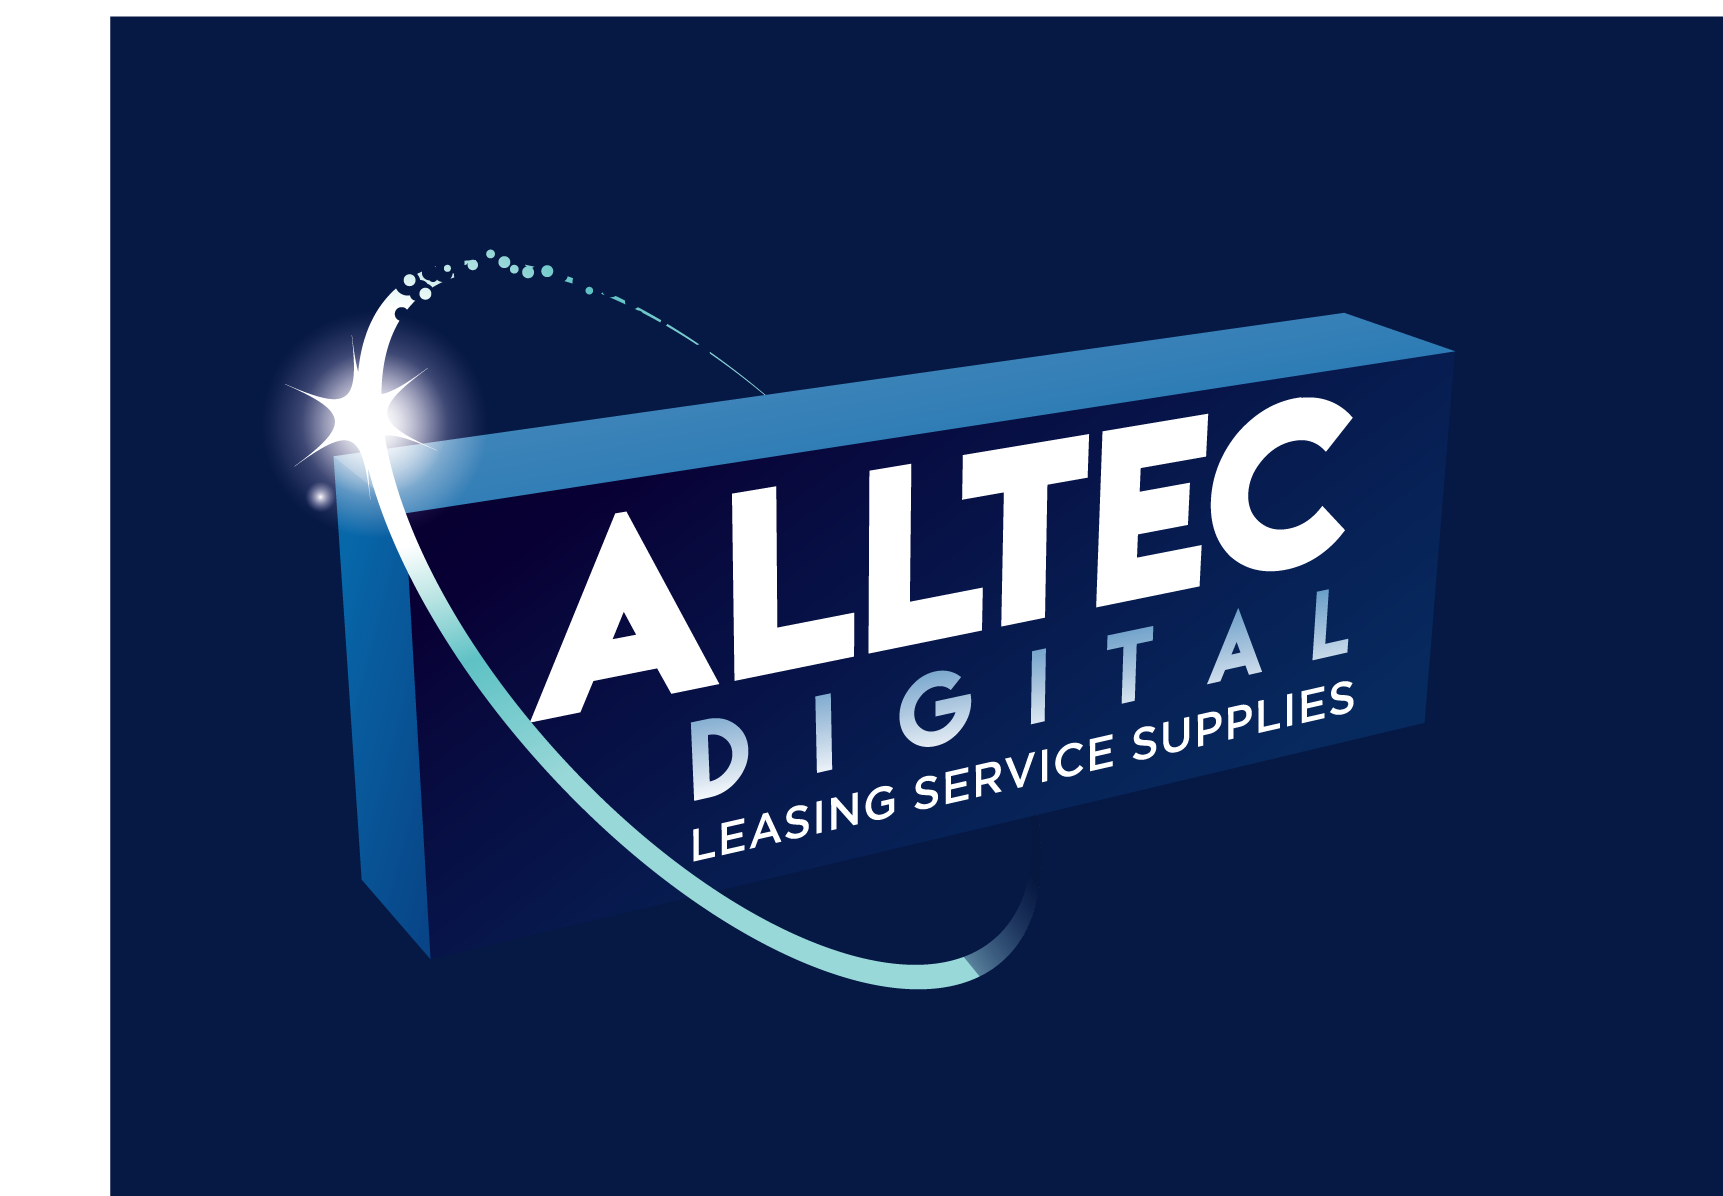 Alltec Digital!